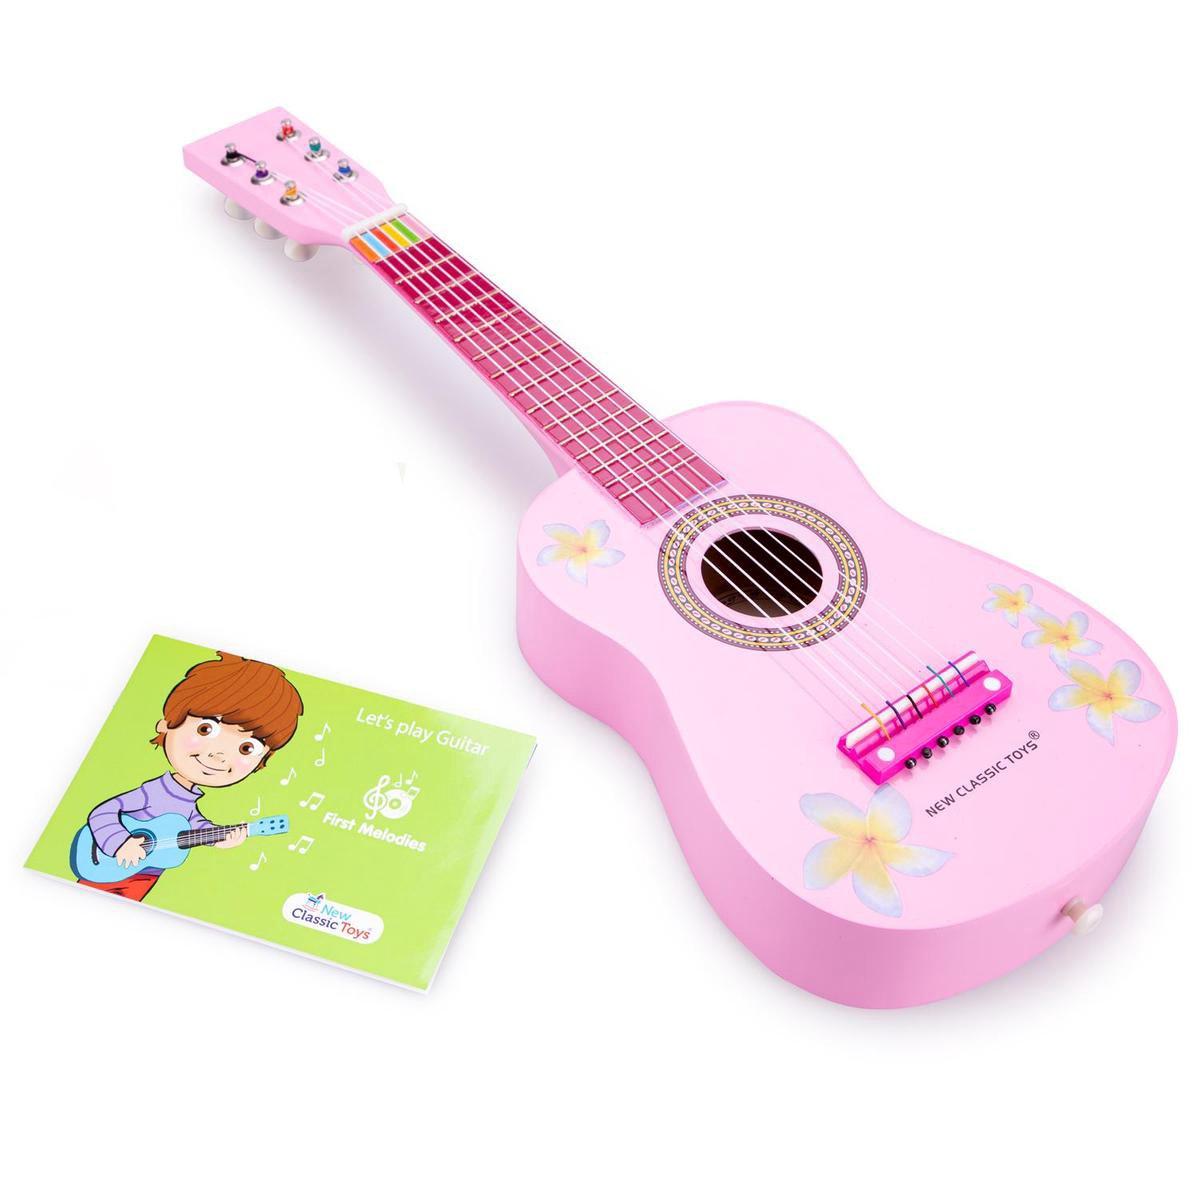 New Classic Toys Houten Speelgoed Gitaar met Muziekboekje - Inclusief Draagriem - Roze met Bloemen